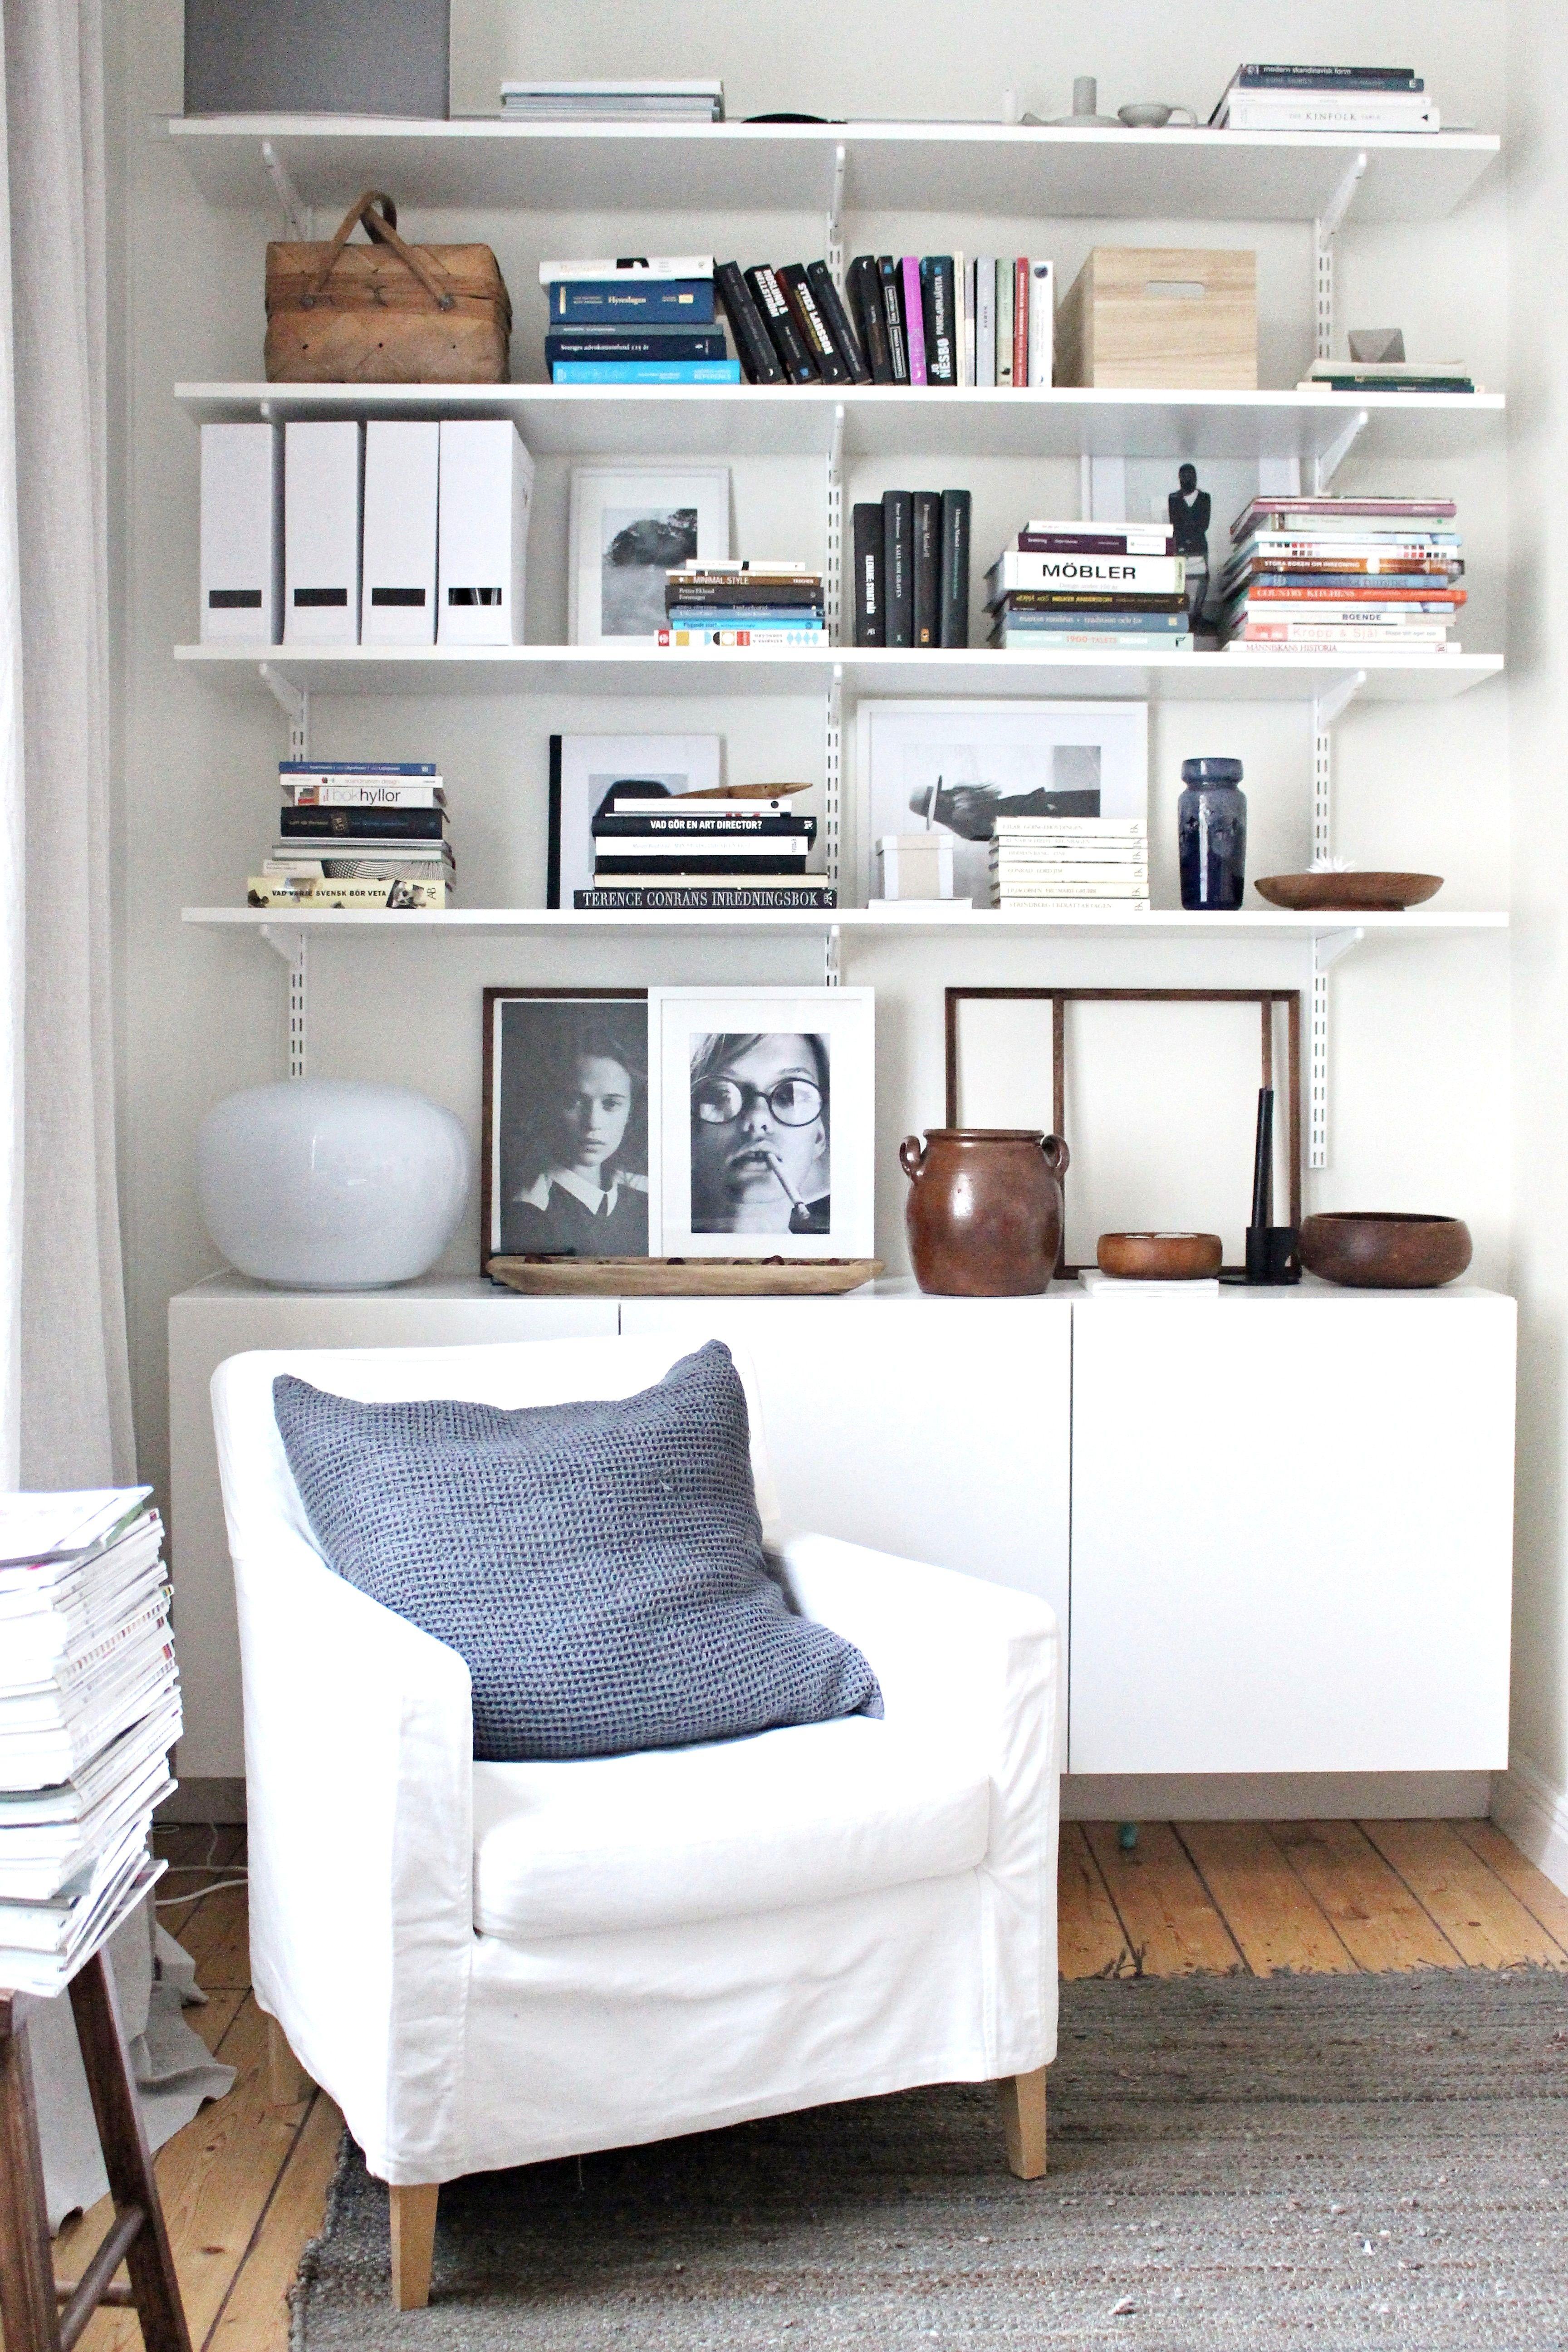 Ikea Besta Cabinet U0026 Algot Shelves Von 1 Zimmer Wohnung Einrichten Ikea  Schema